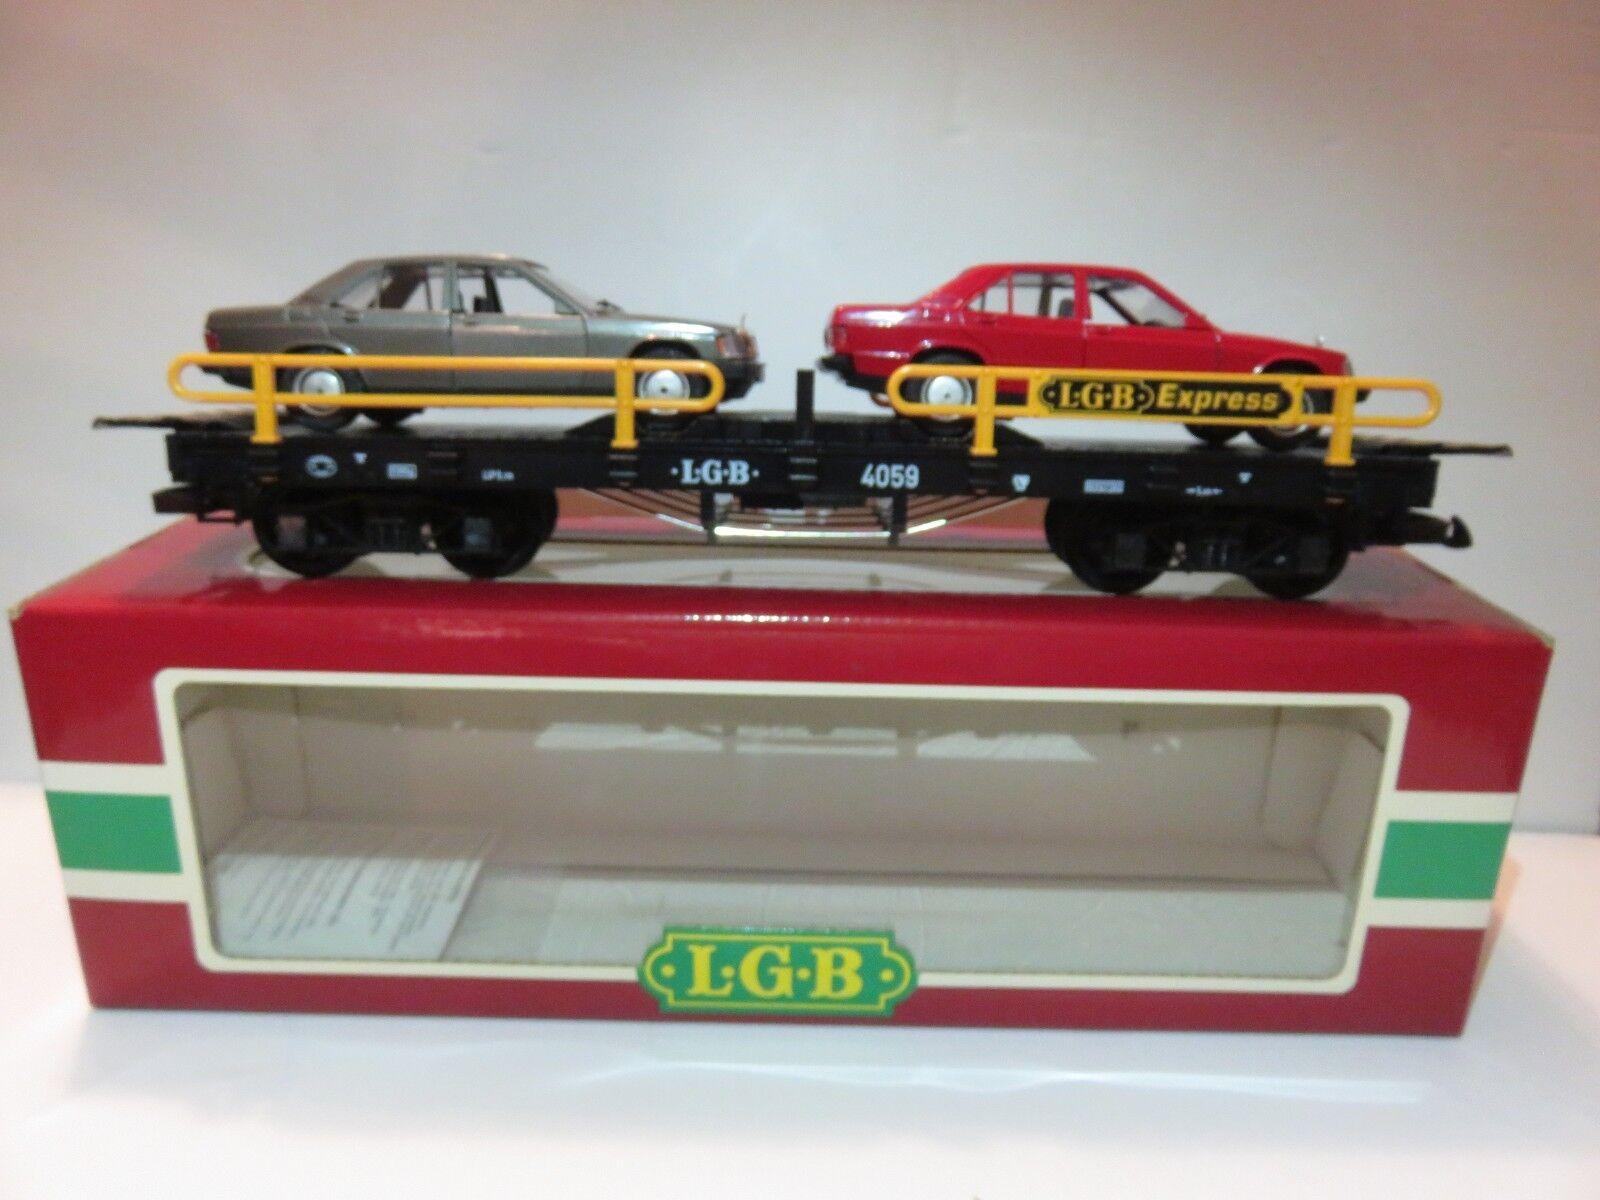 LGB LGB LGB Lehmann G Gague 4059 Car Carrier with 2 Mercedes Benz Models a2165f